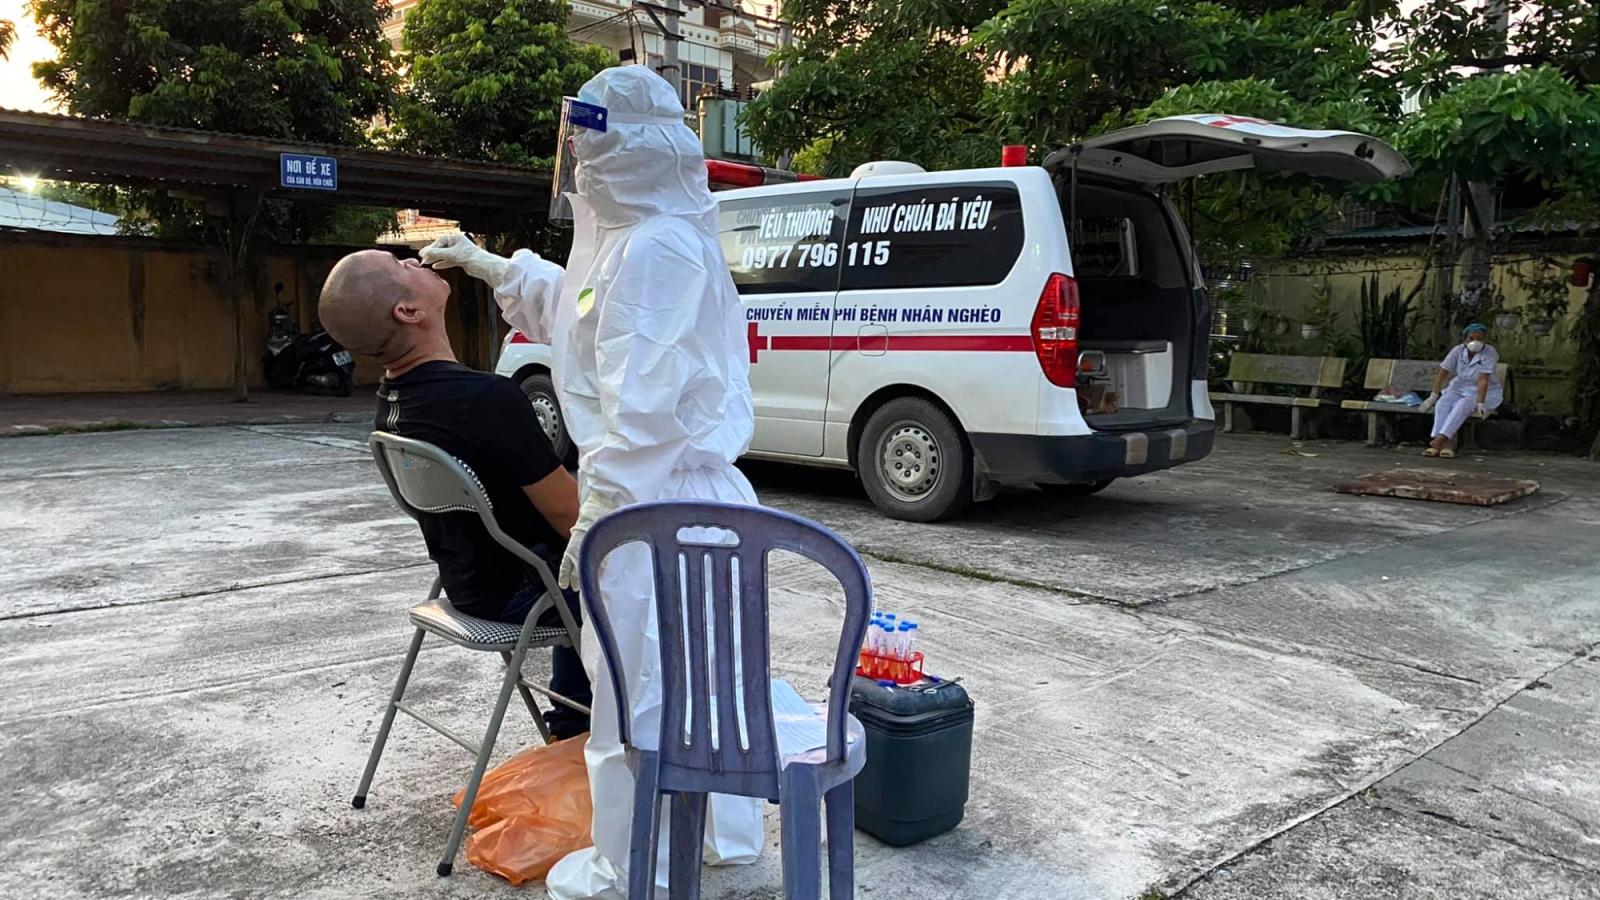 Chiều 5/6: Việt Nam ghi nhận 83 ca mắc COVID-19 mới